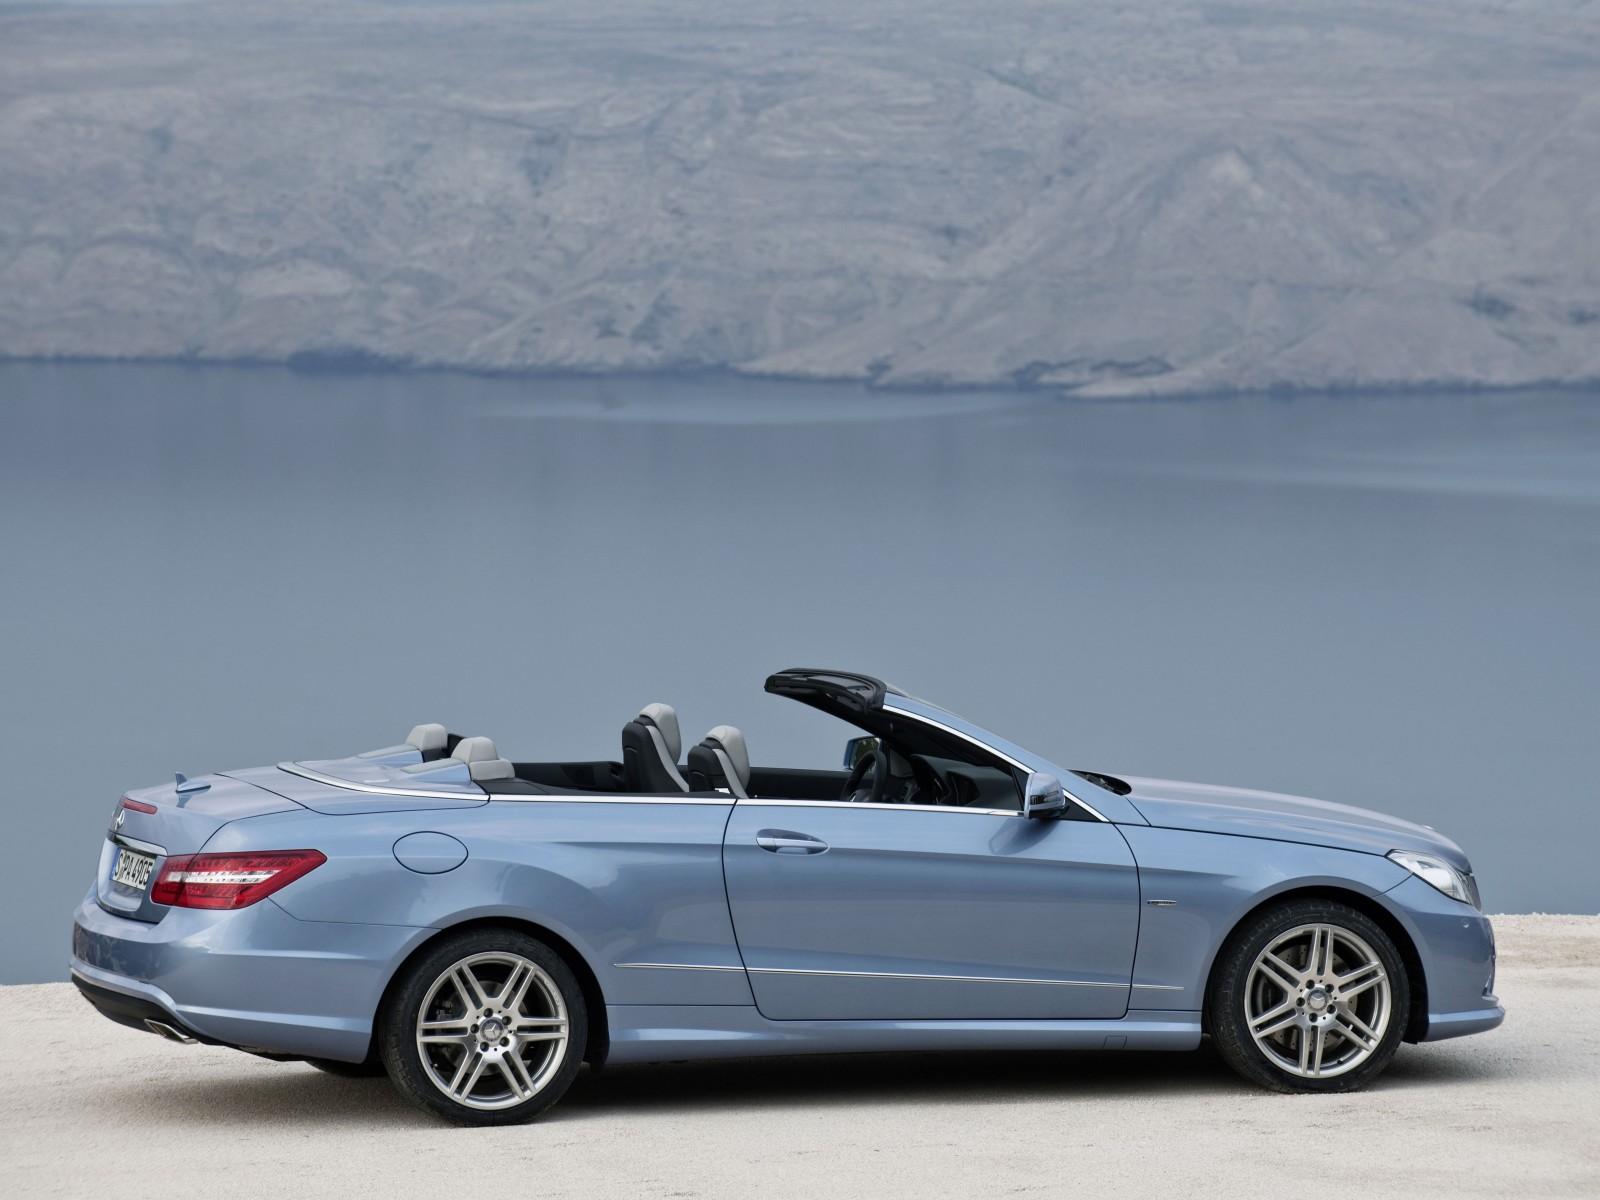 2010 mercedes benz e 500 cabriolet motor desktop for Mercedes benz e class 500